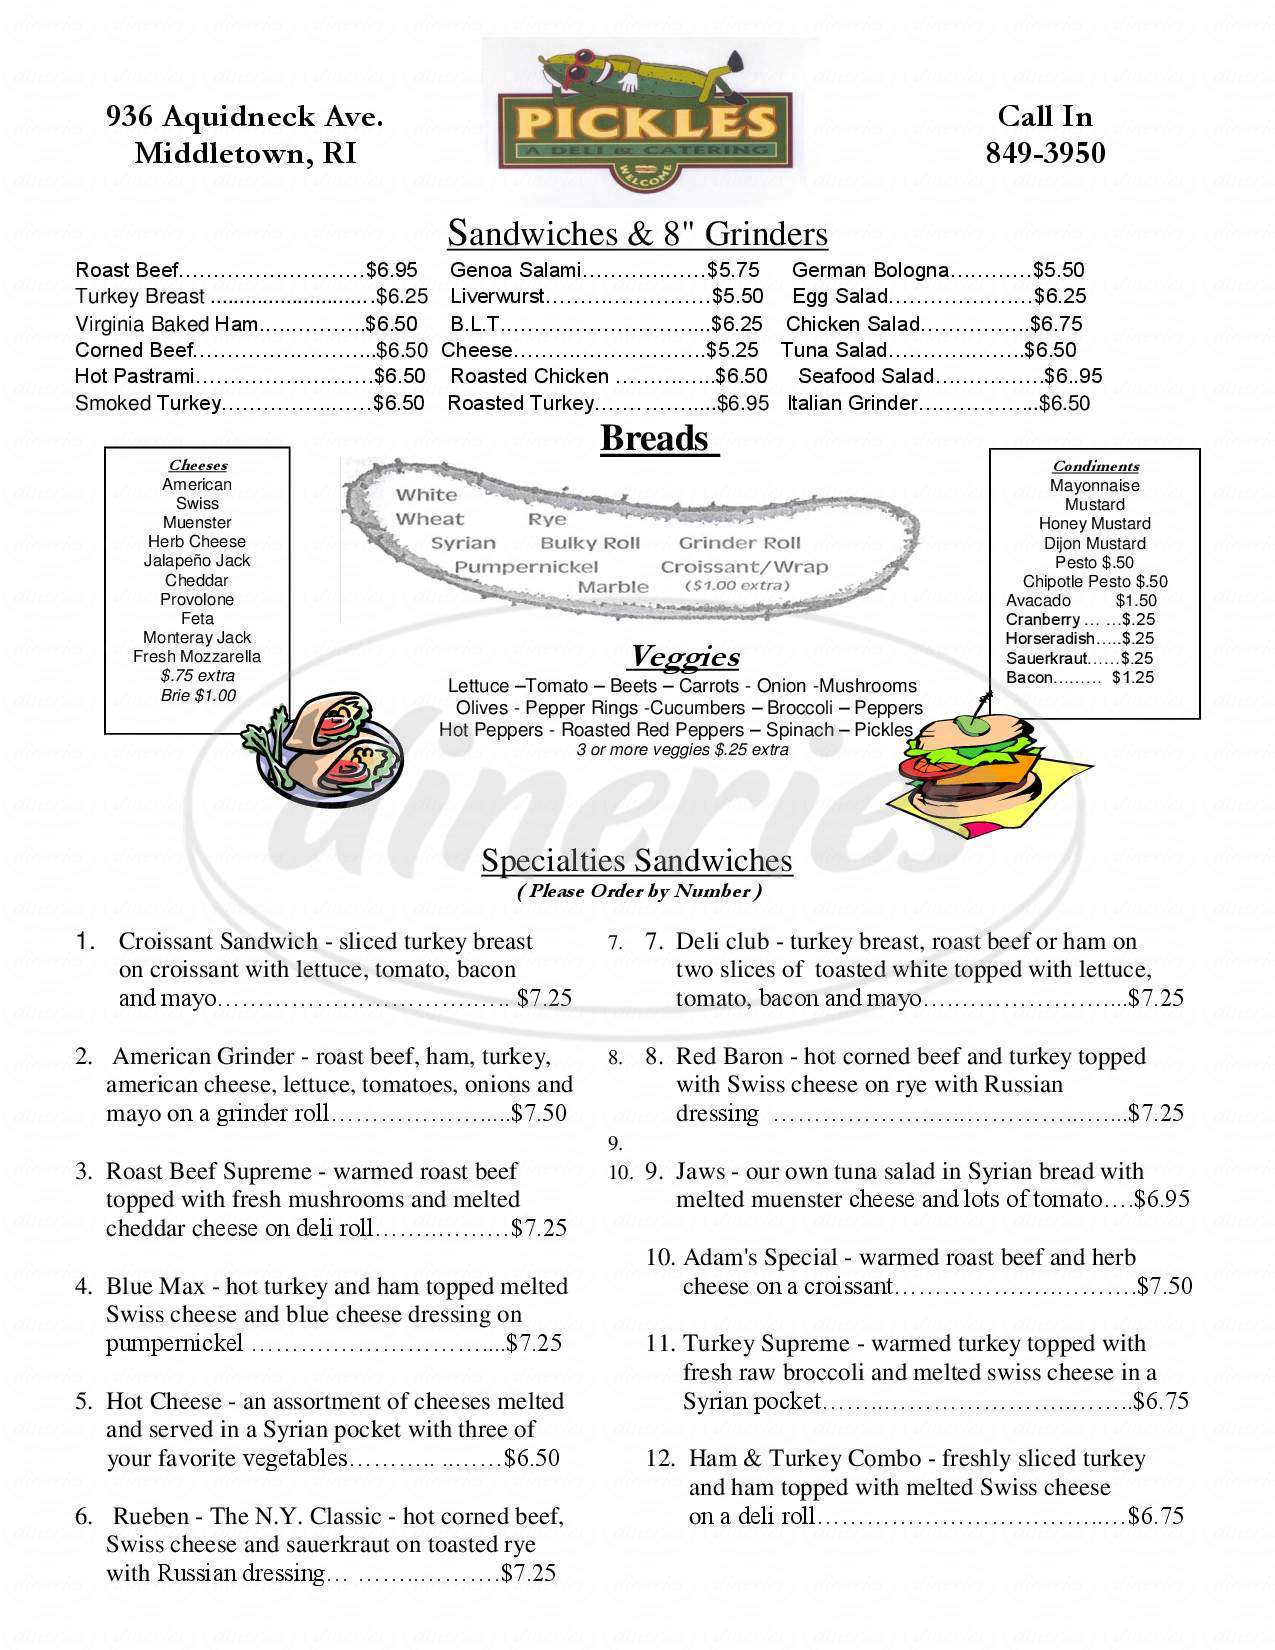 menu for Pickles-A Deli